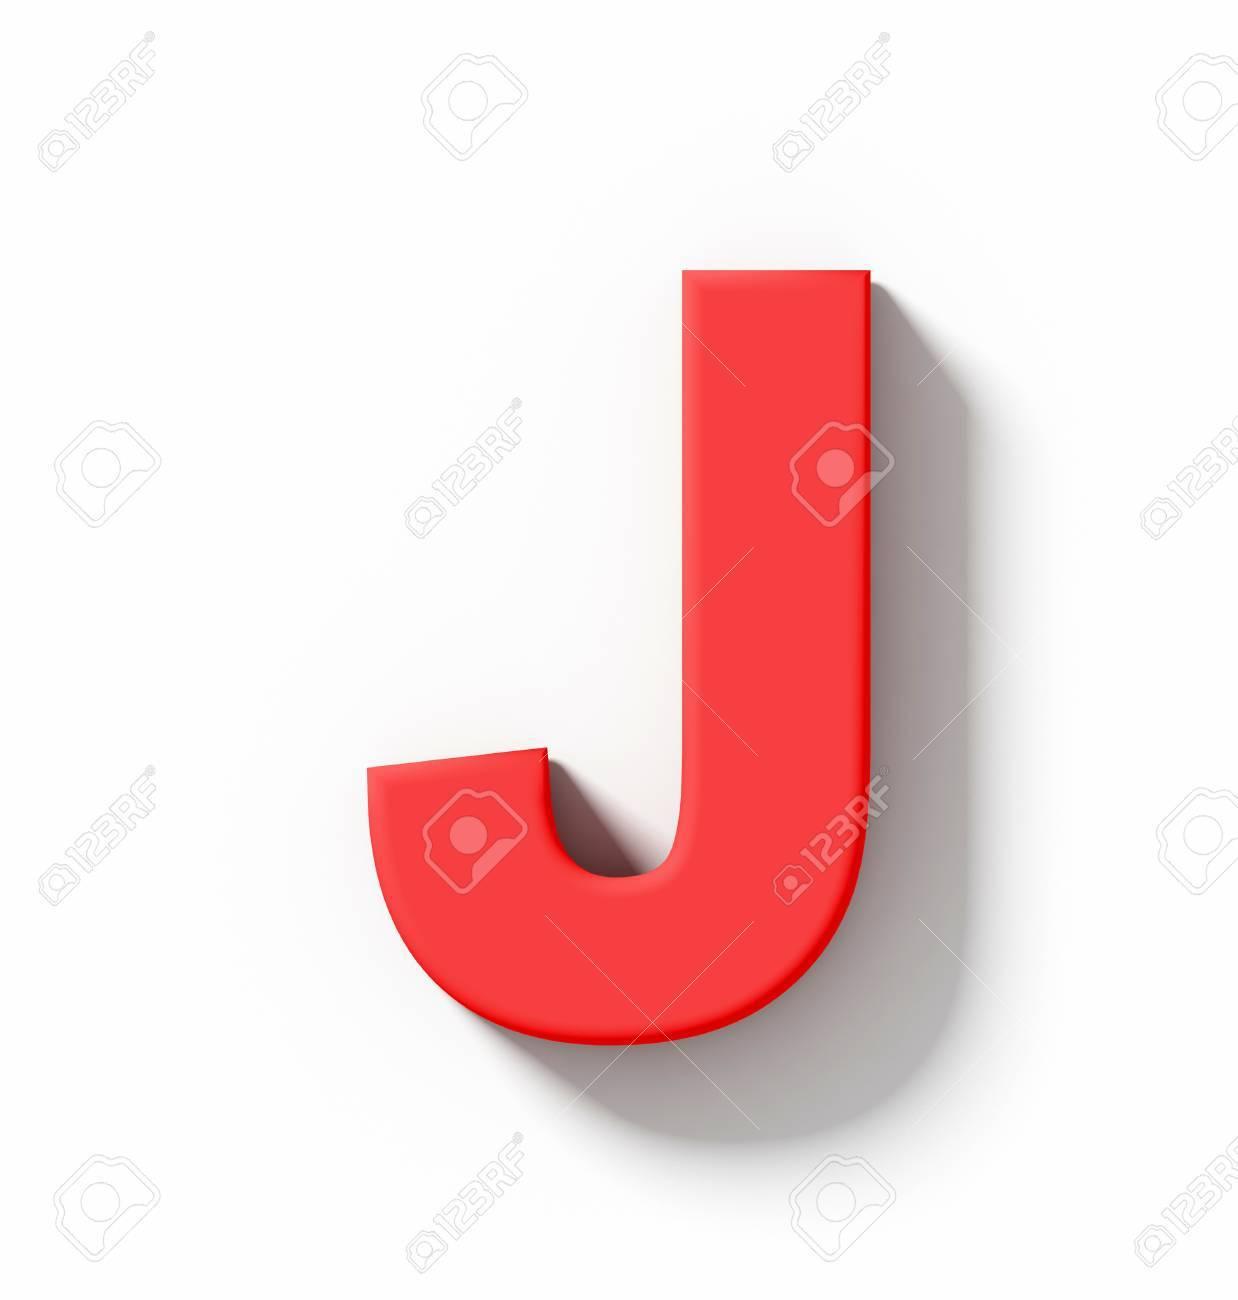 Letra J 3D Rojo Aislado En Bla...